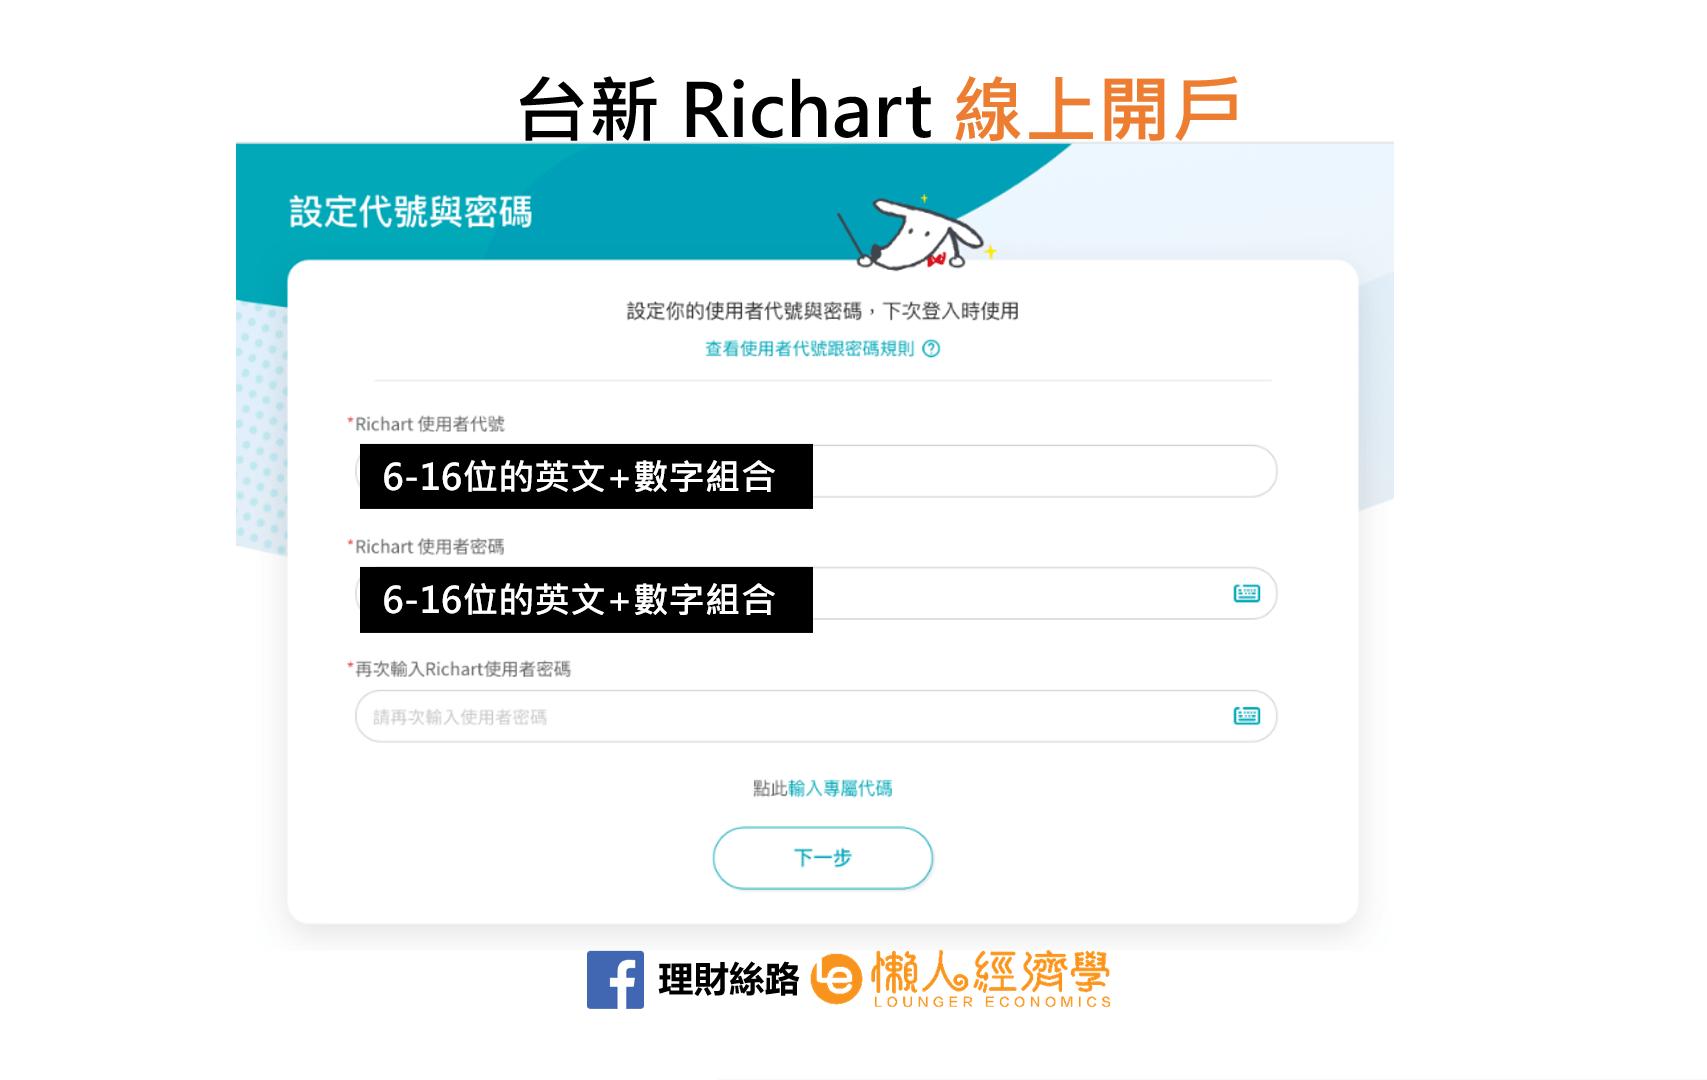 台新Richart設定使用者代碼&密碼